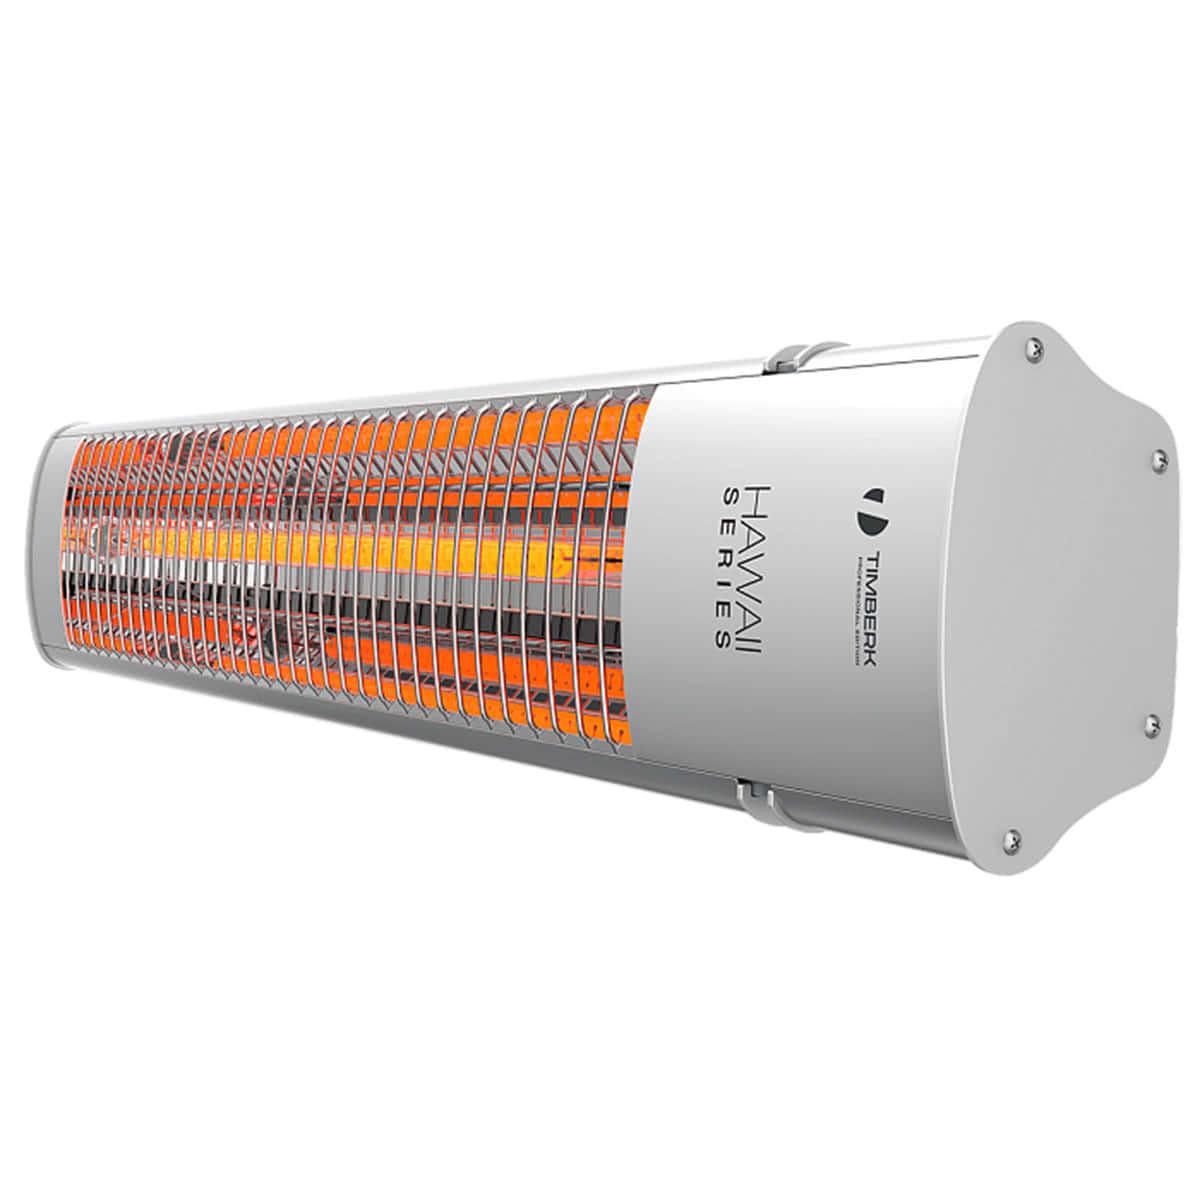 Инфракрасный обогреватель Timberk Hawaii TIR HP1 1500 (1,5 кВт)